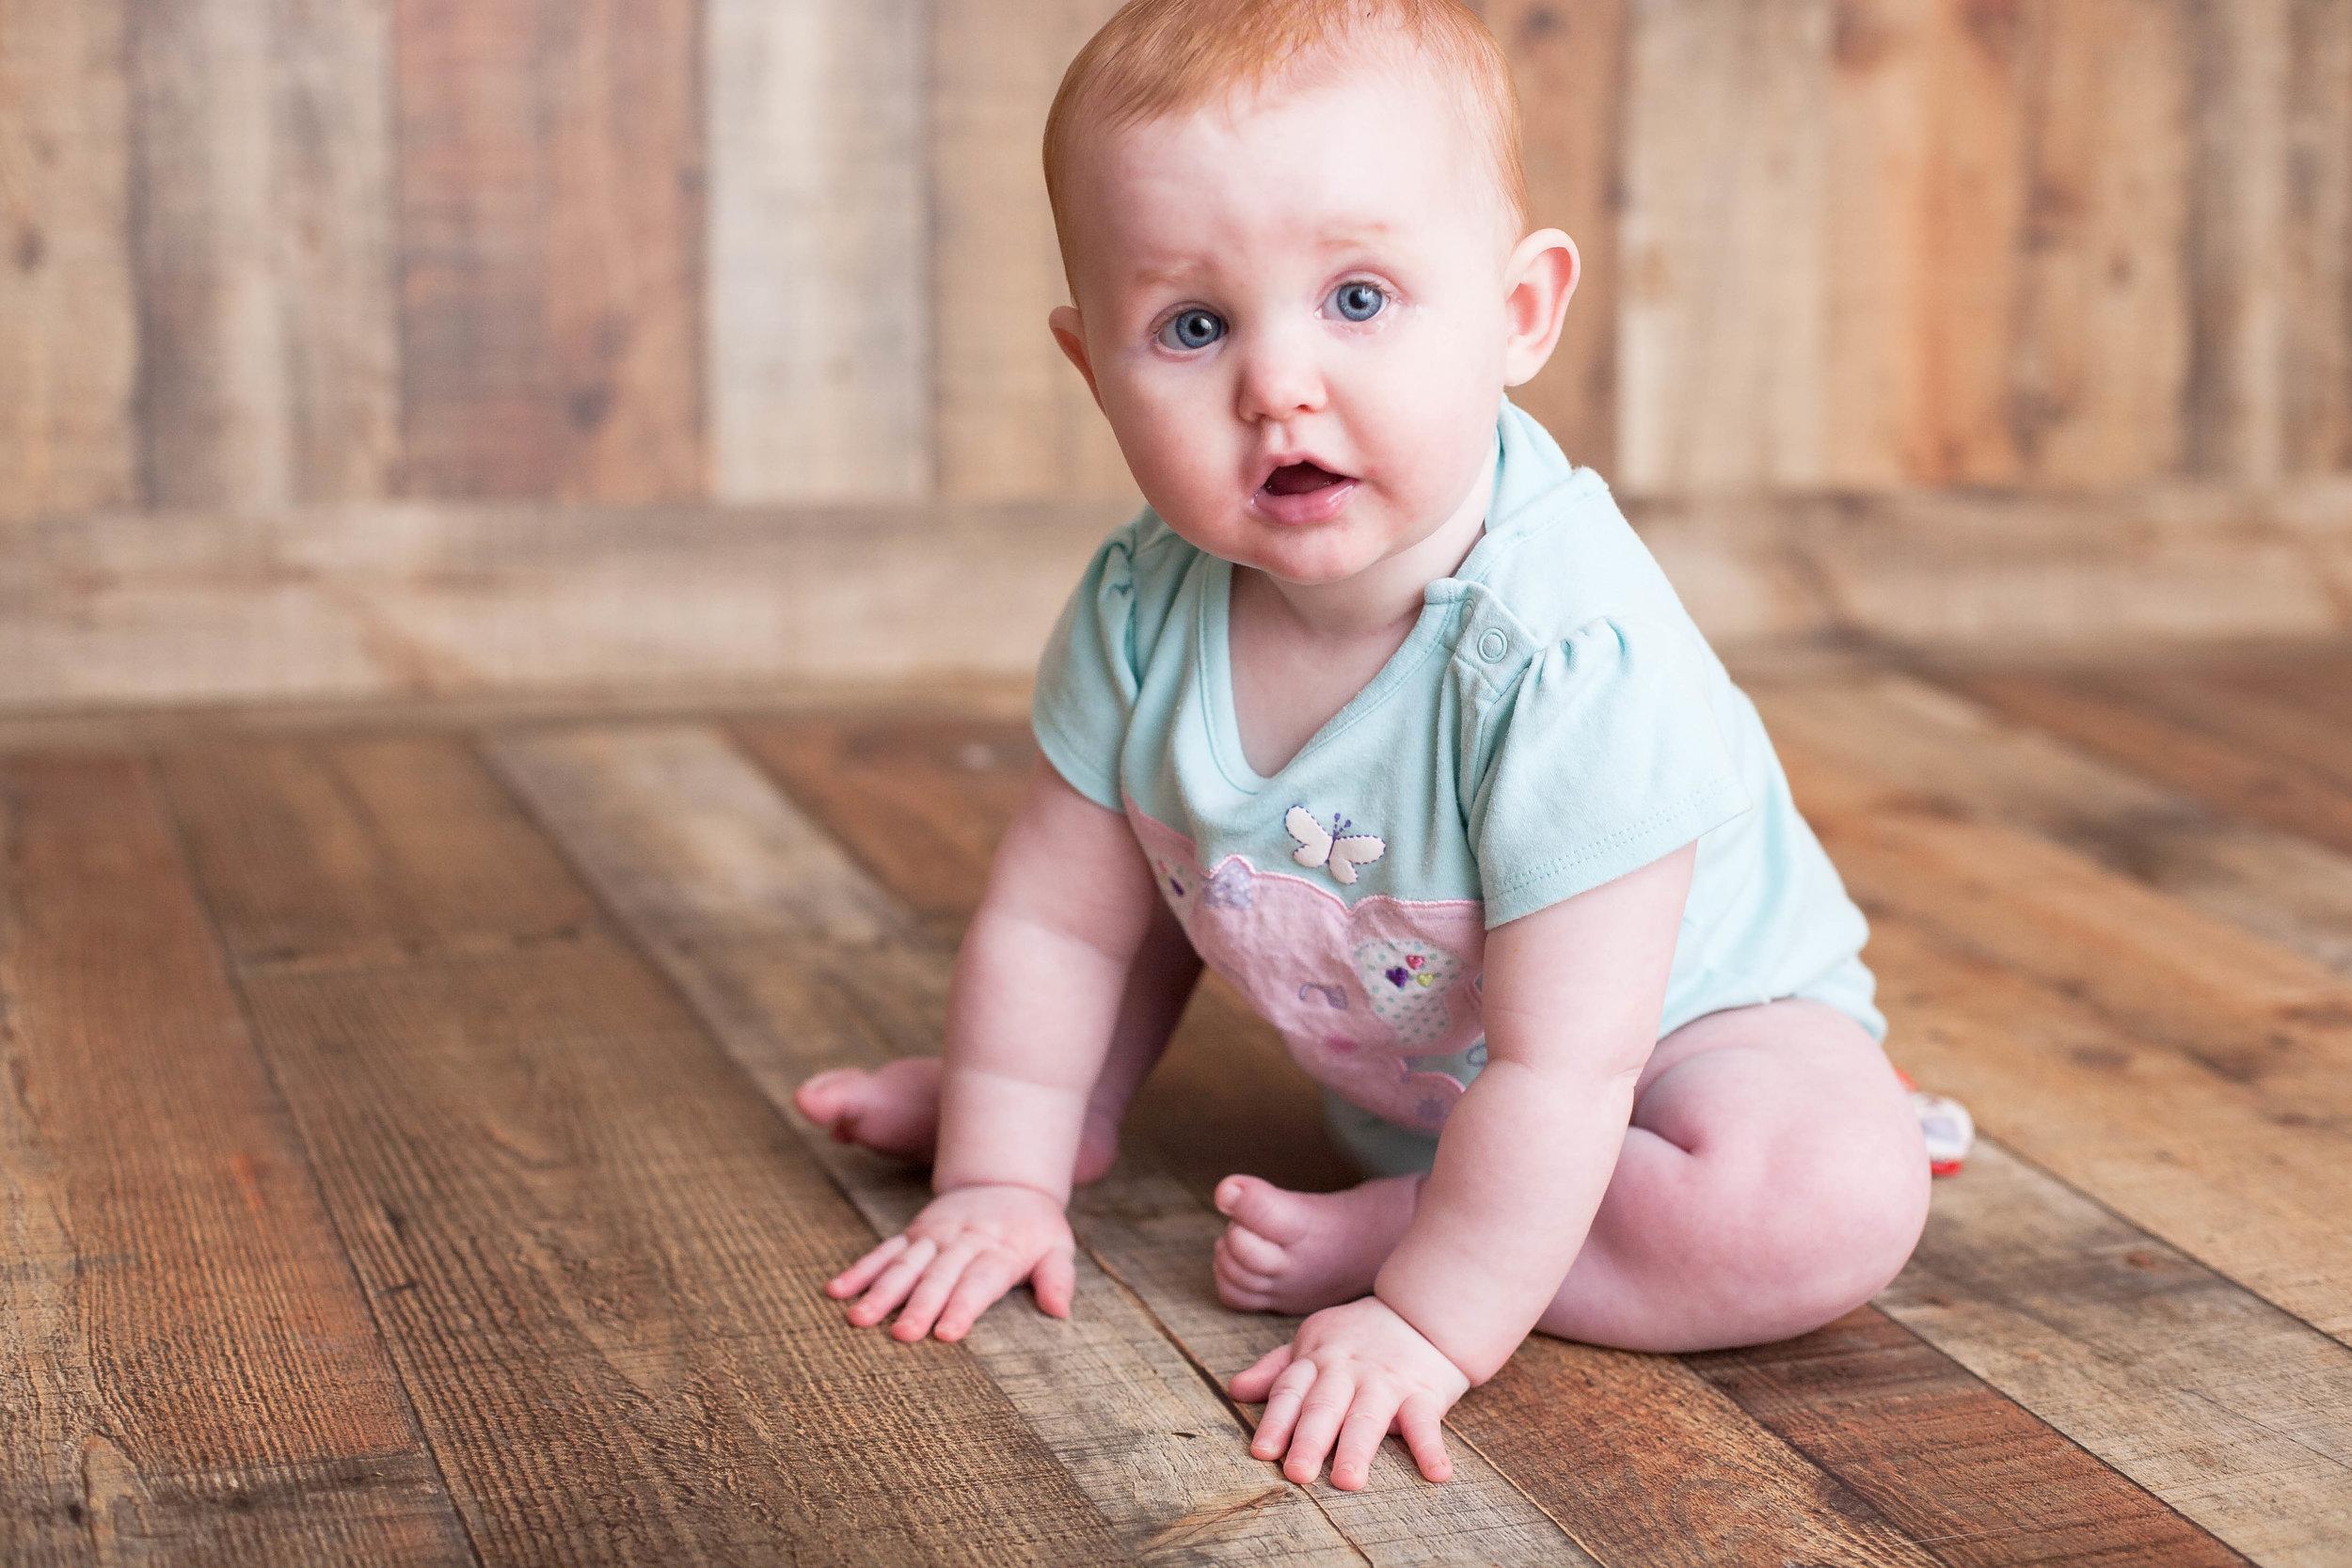 babyphotographysanantonio18.jpg